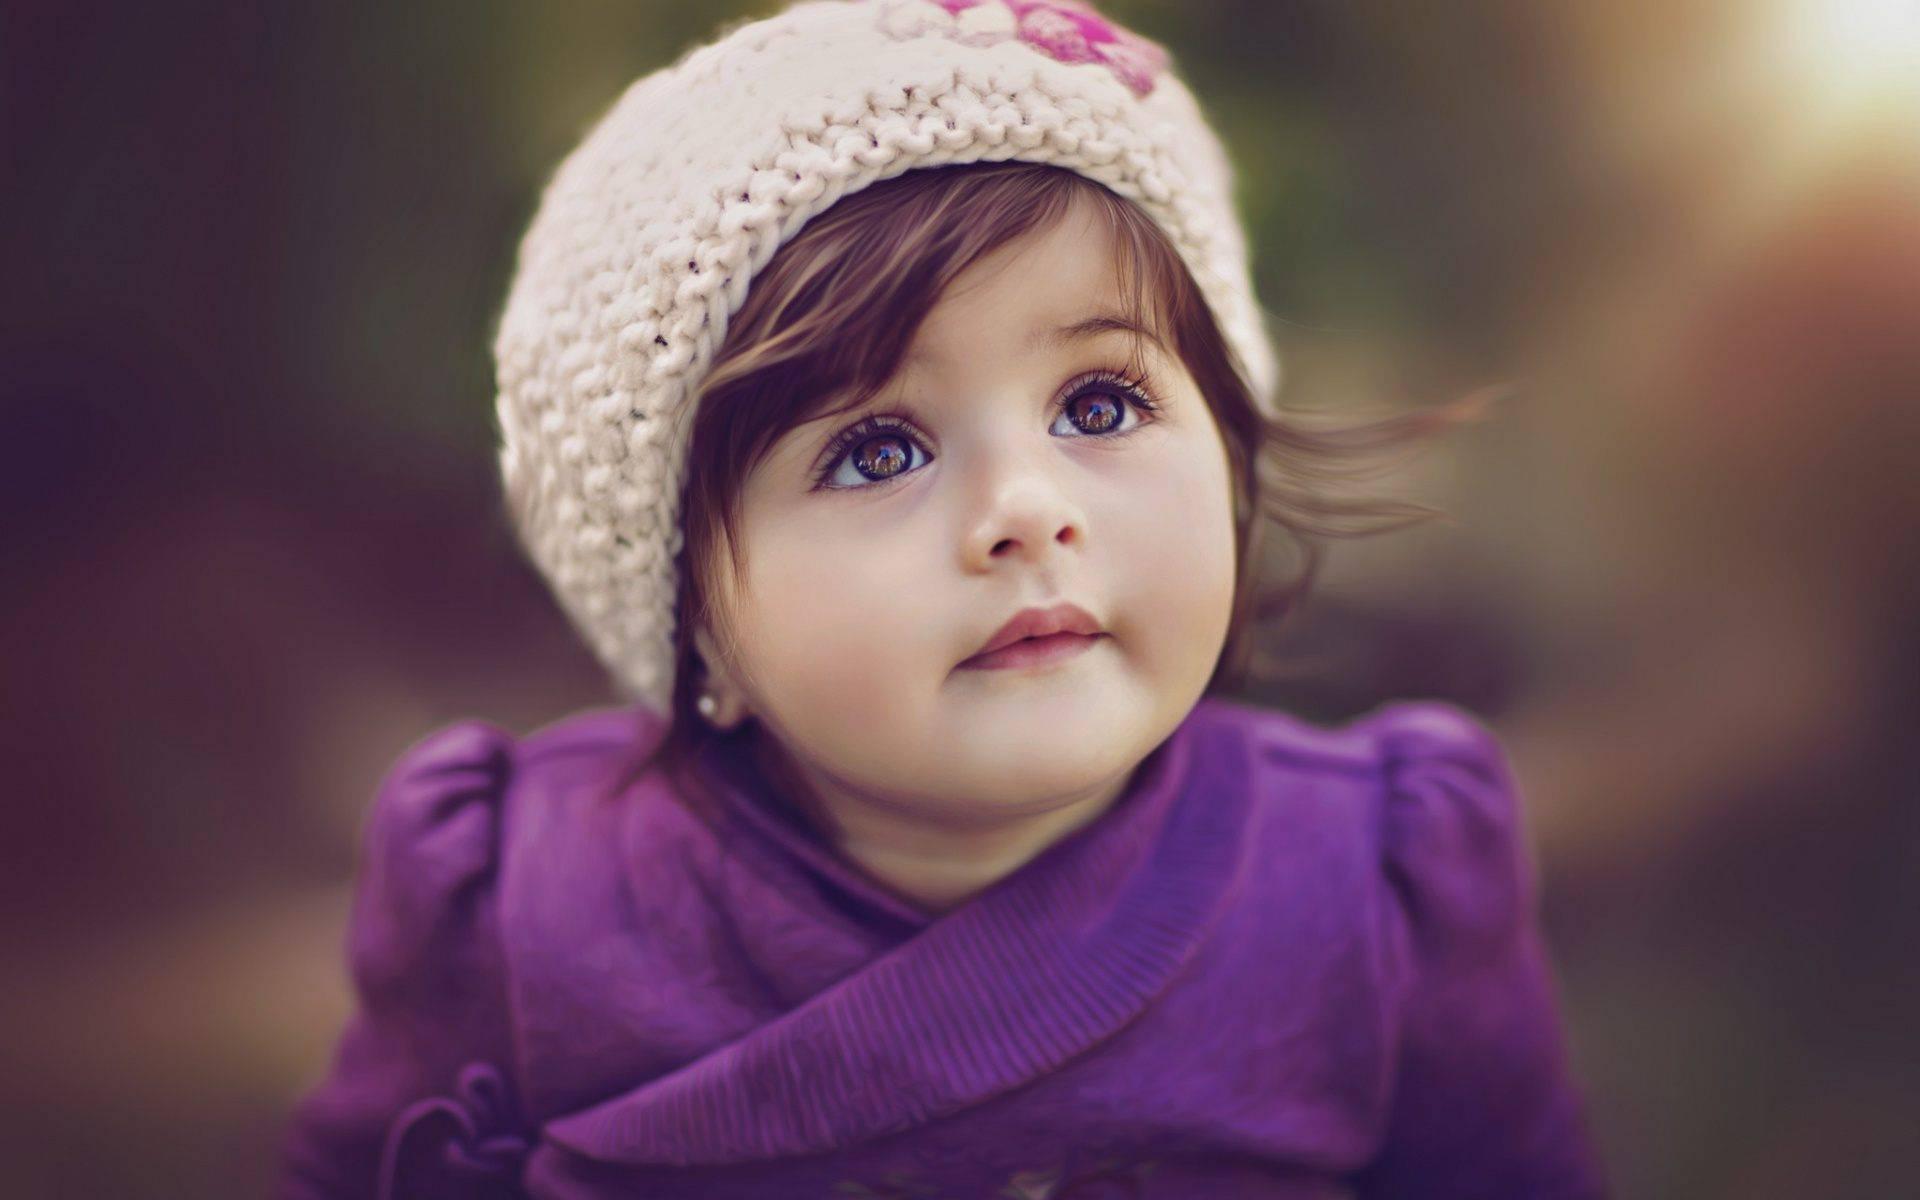 بالصور صور بنات صغار حلوين , اجمل البنات بالصور 3868 10